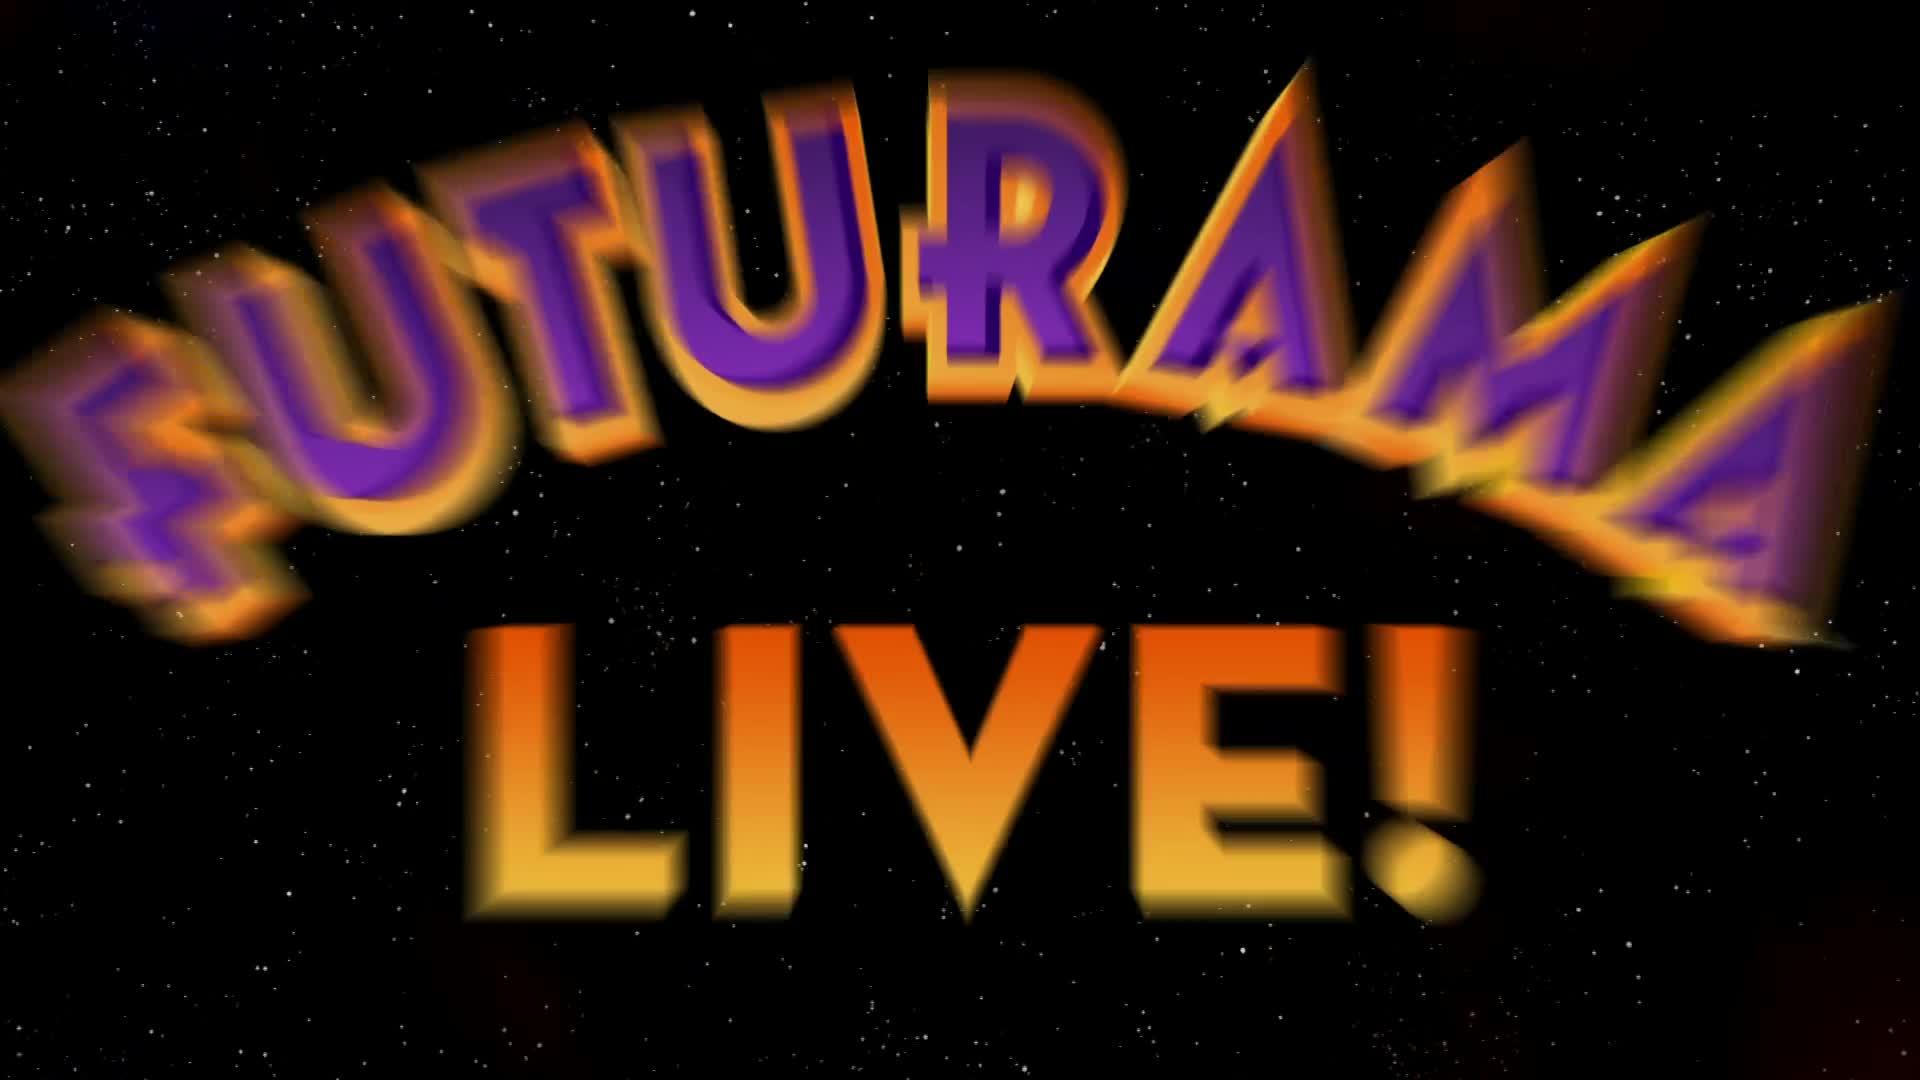 Honoree - Futurama Live!